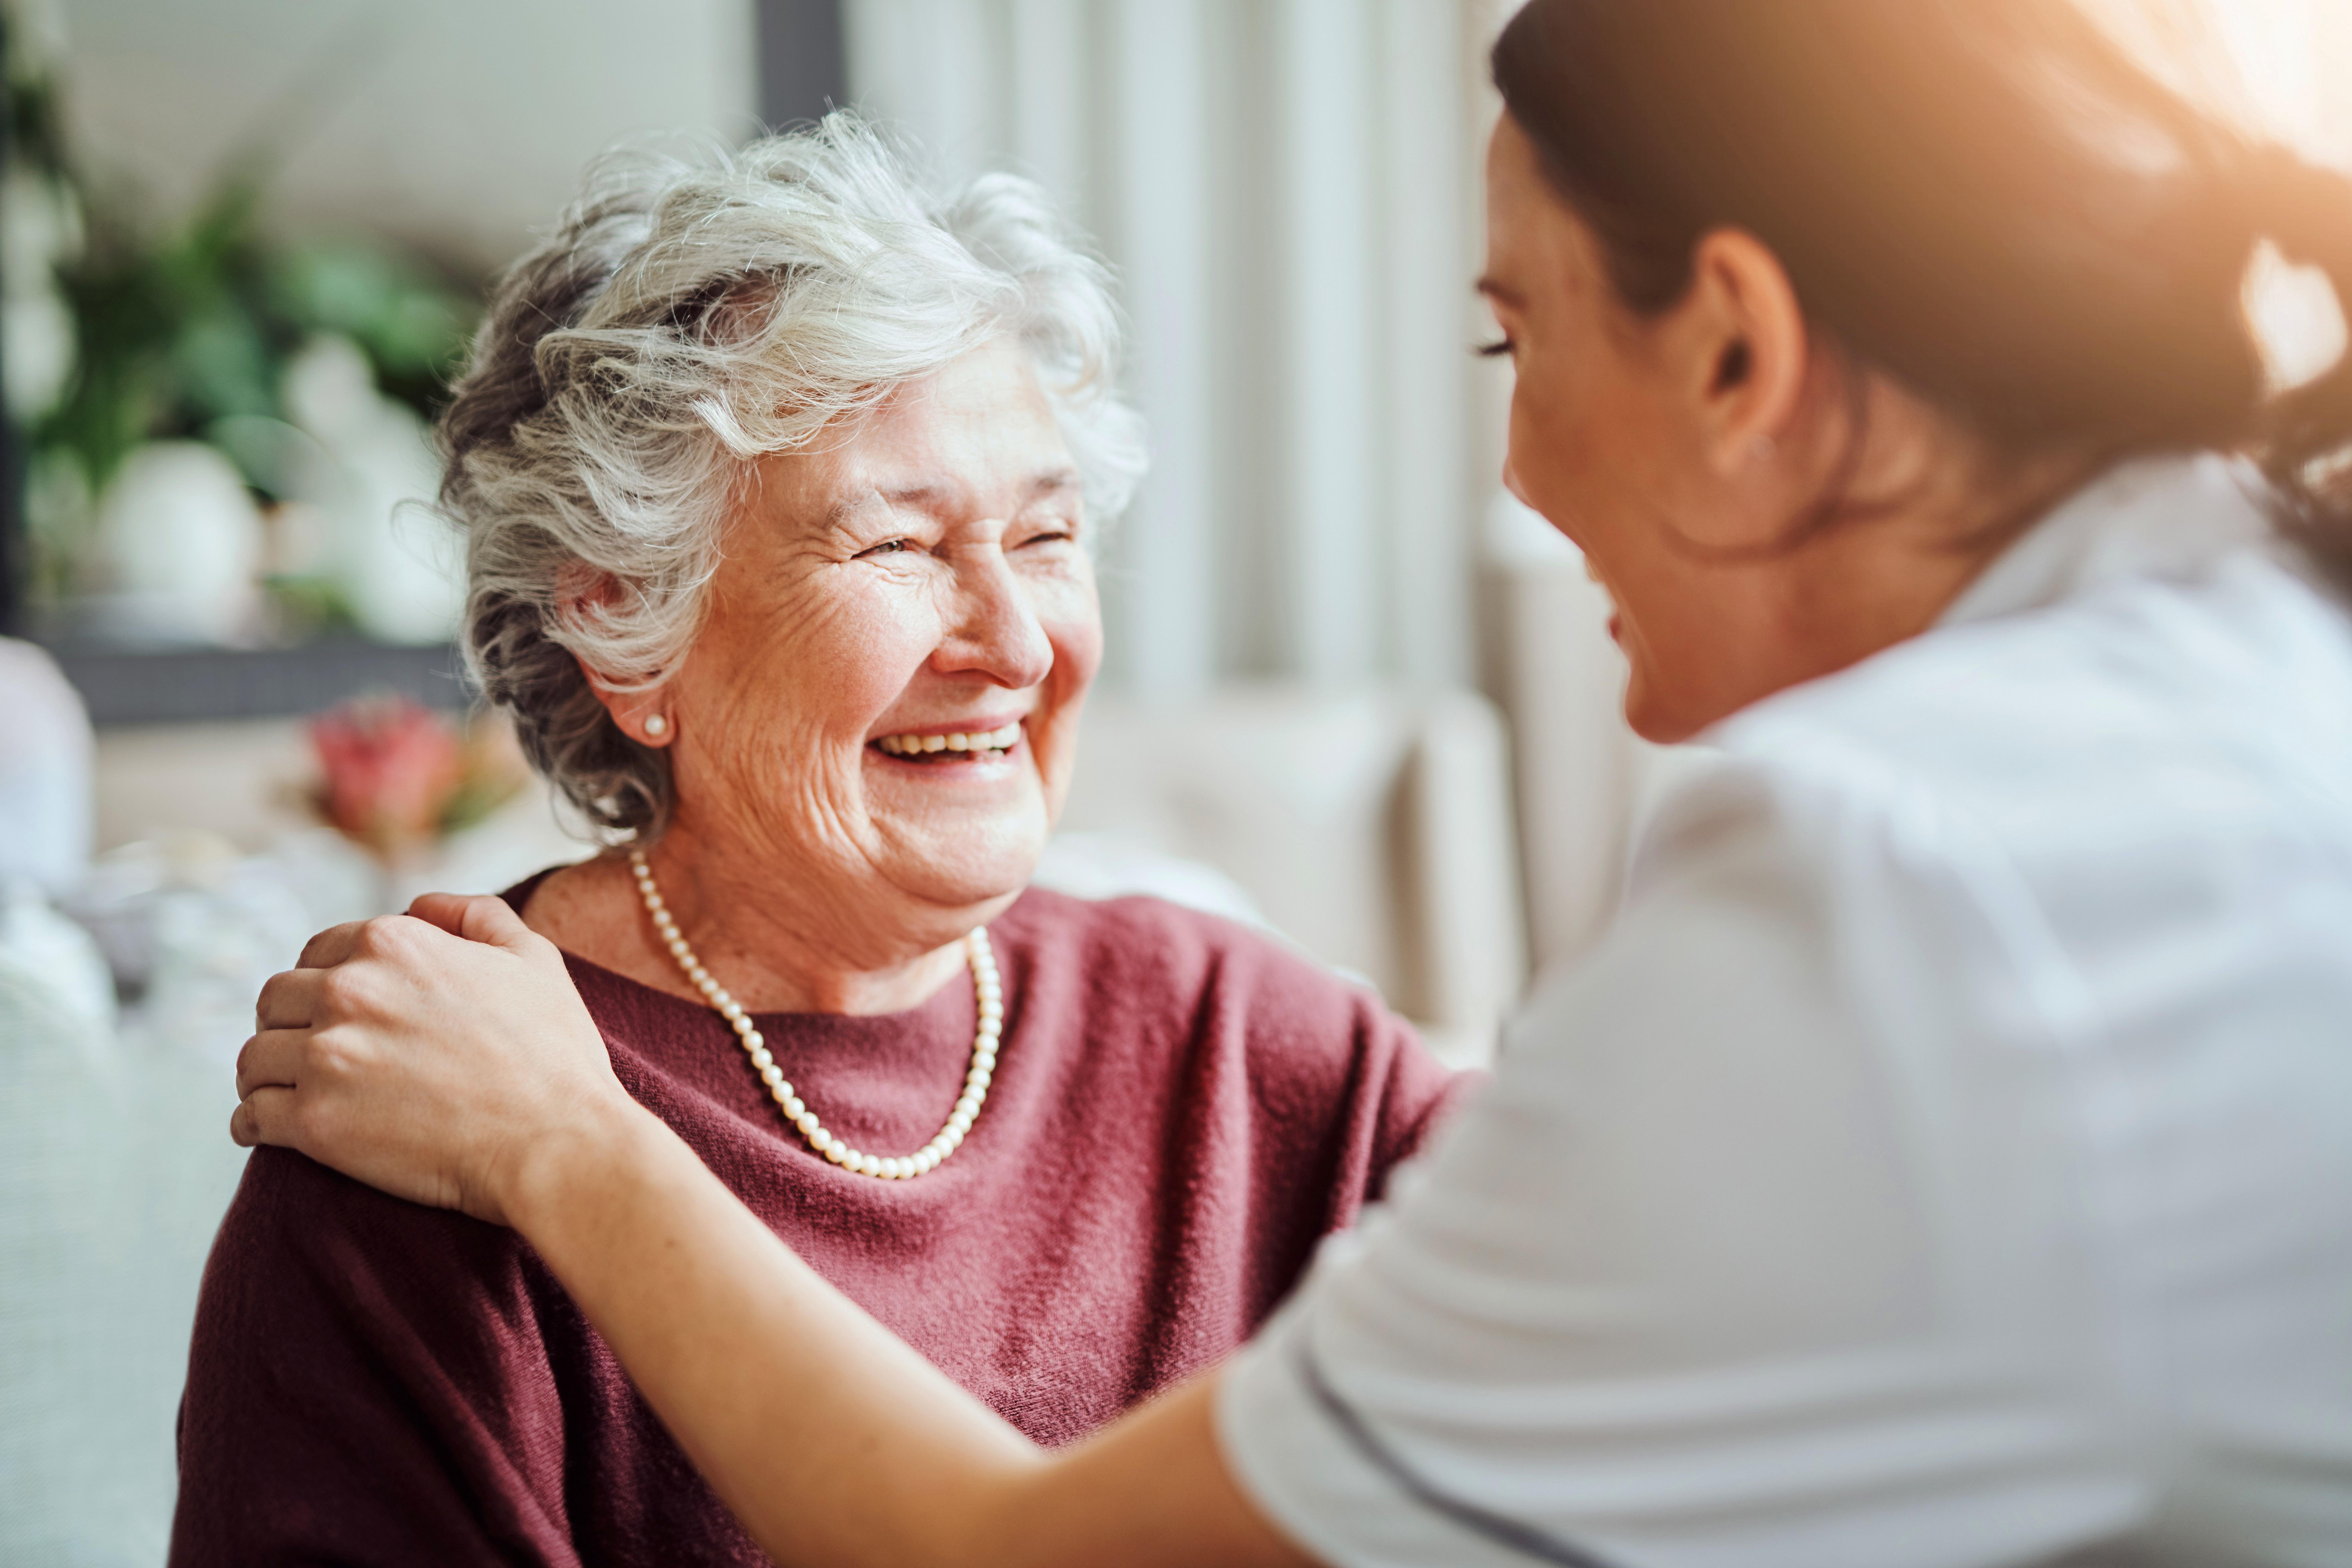 Eindelijk: Eerste kwetsbare ouderen in verpleeghuizen krijgen maandag een coronaprik